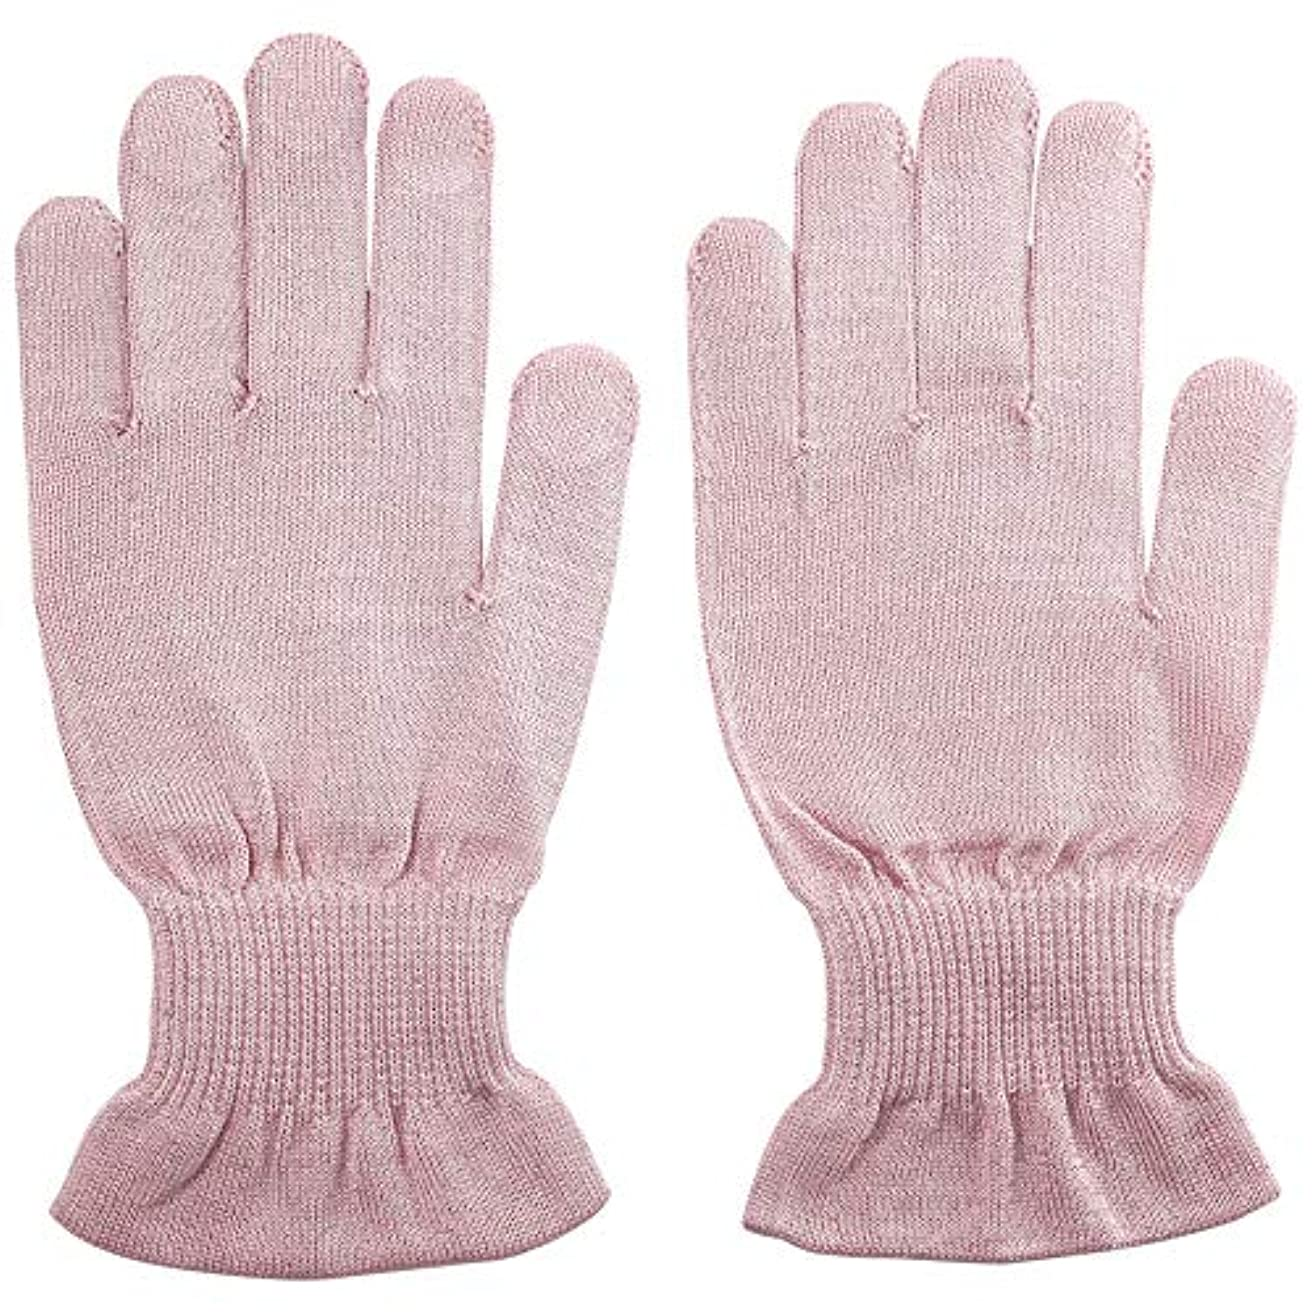 魔術師デッドパリティ温むすび ハンドケア手袋 【手のひら美人 女性用 M~Lサイズ】 ペールピンク